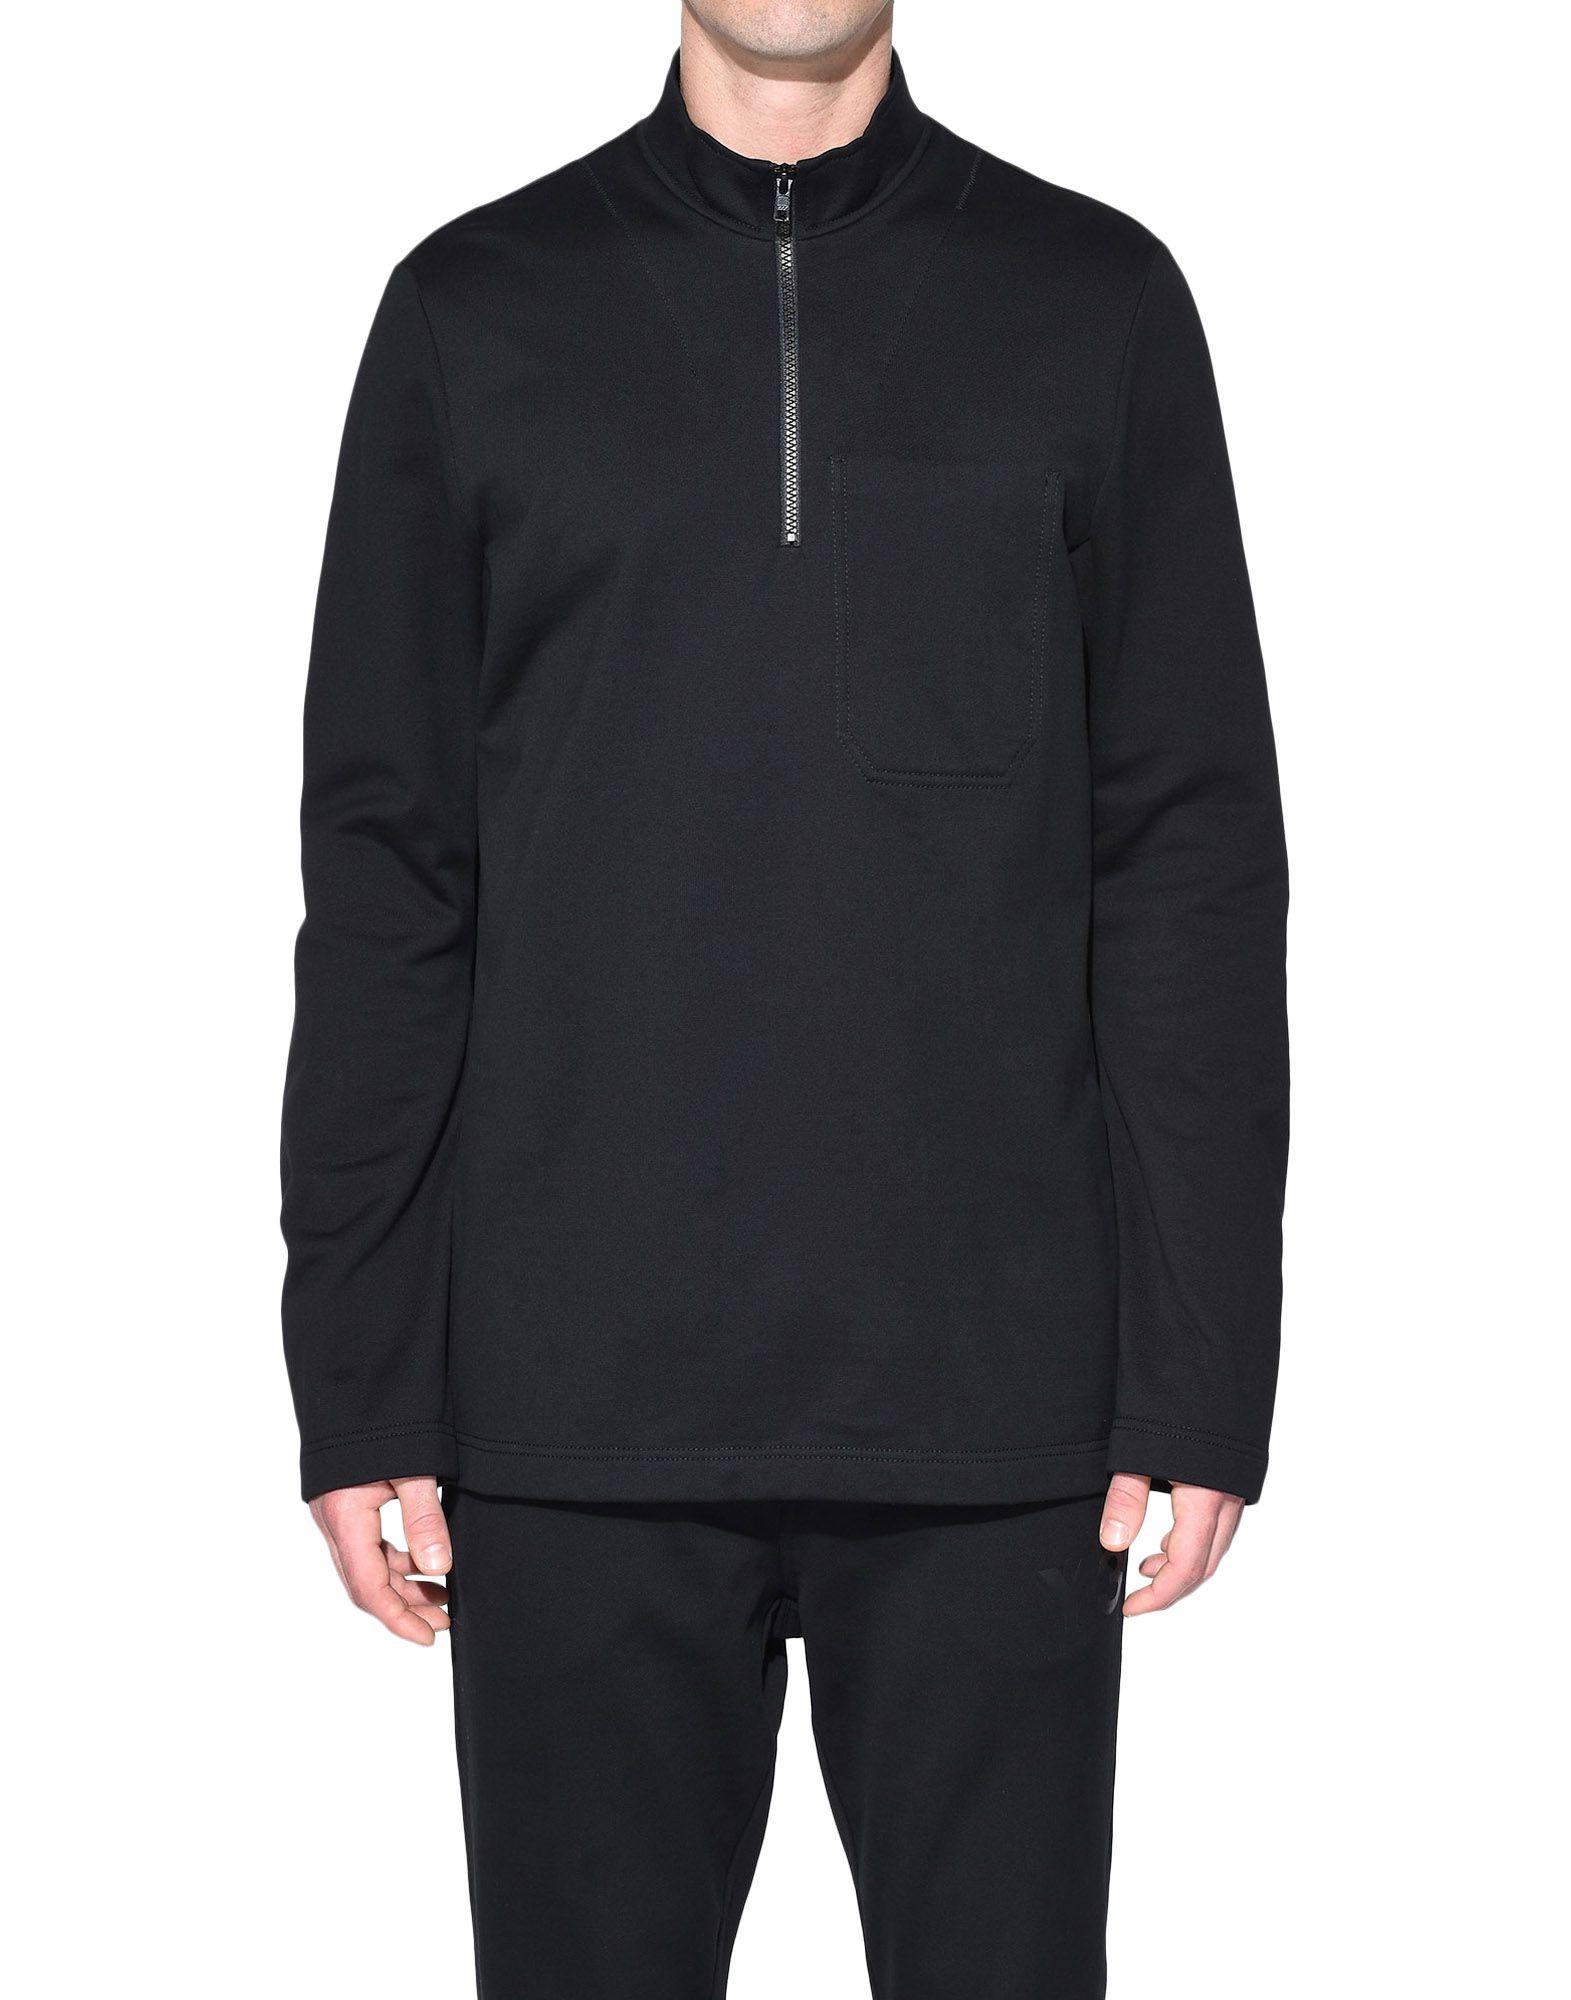 Y-3 Y-3 Sashiko Sweater Sweatshirt mit Zipp Herren r